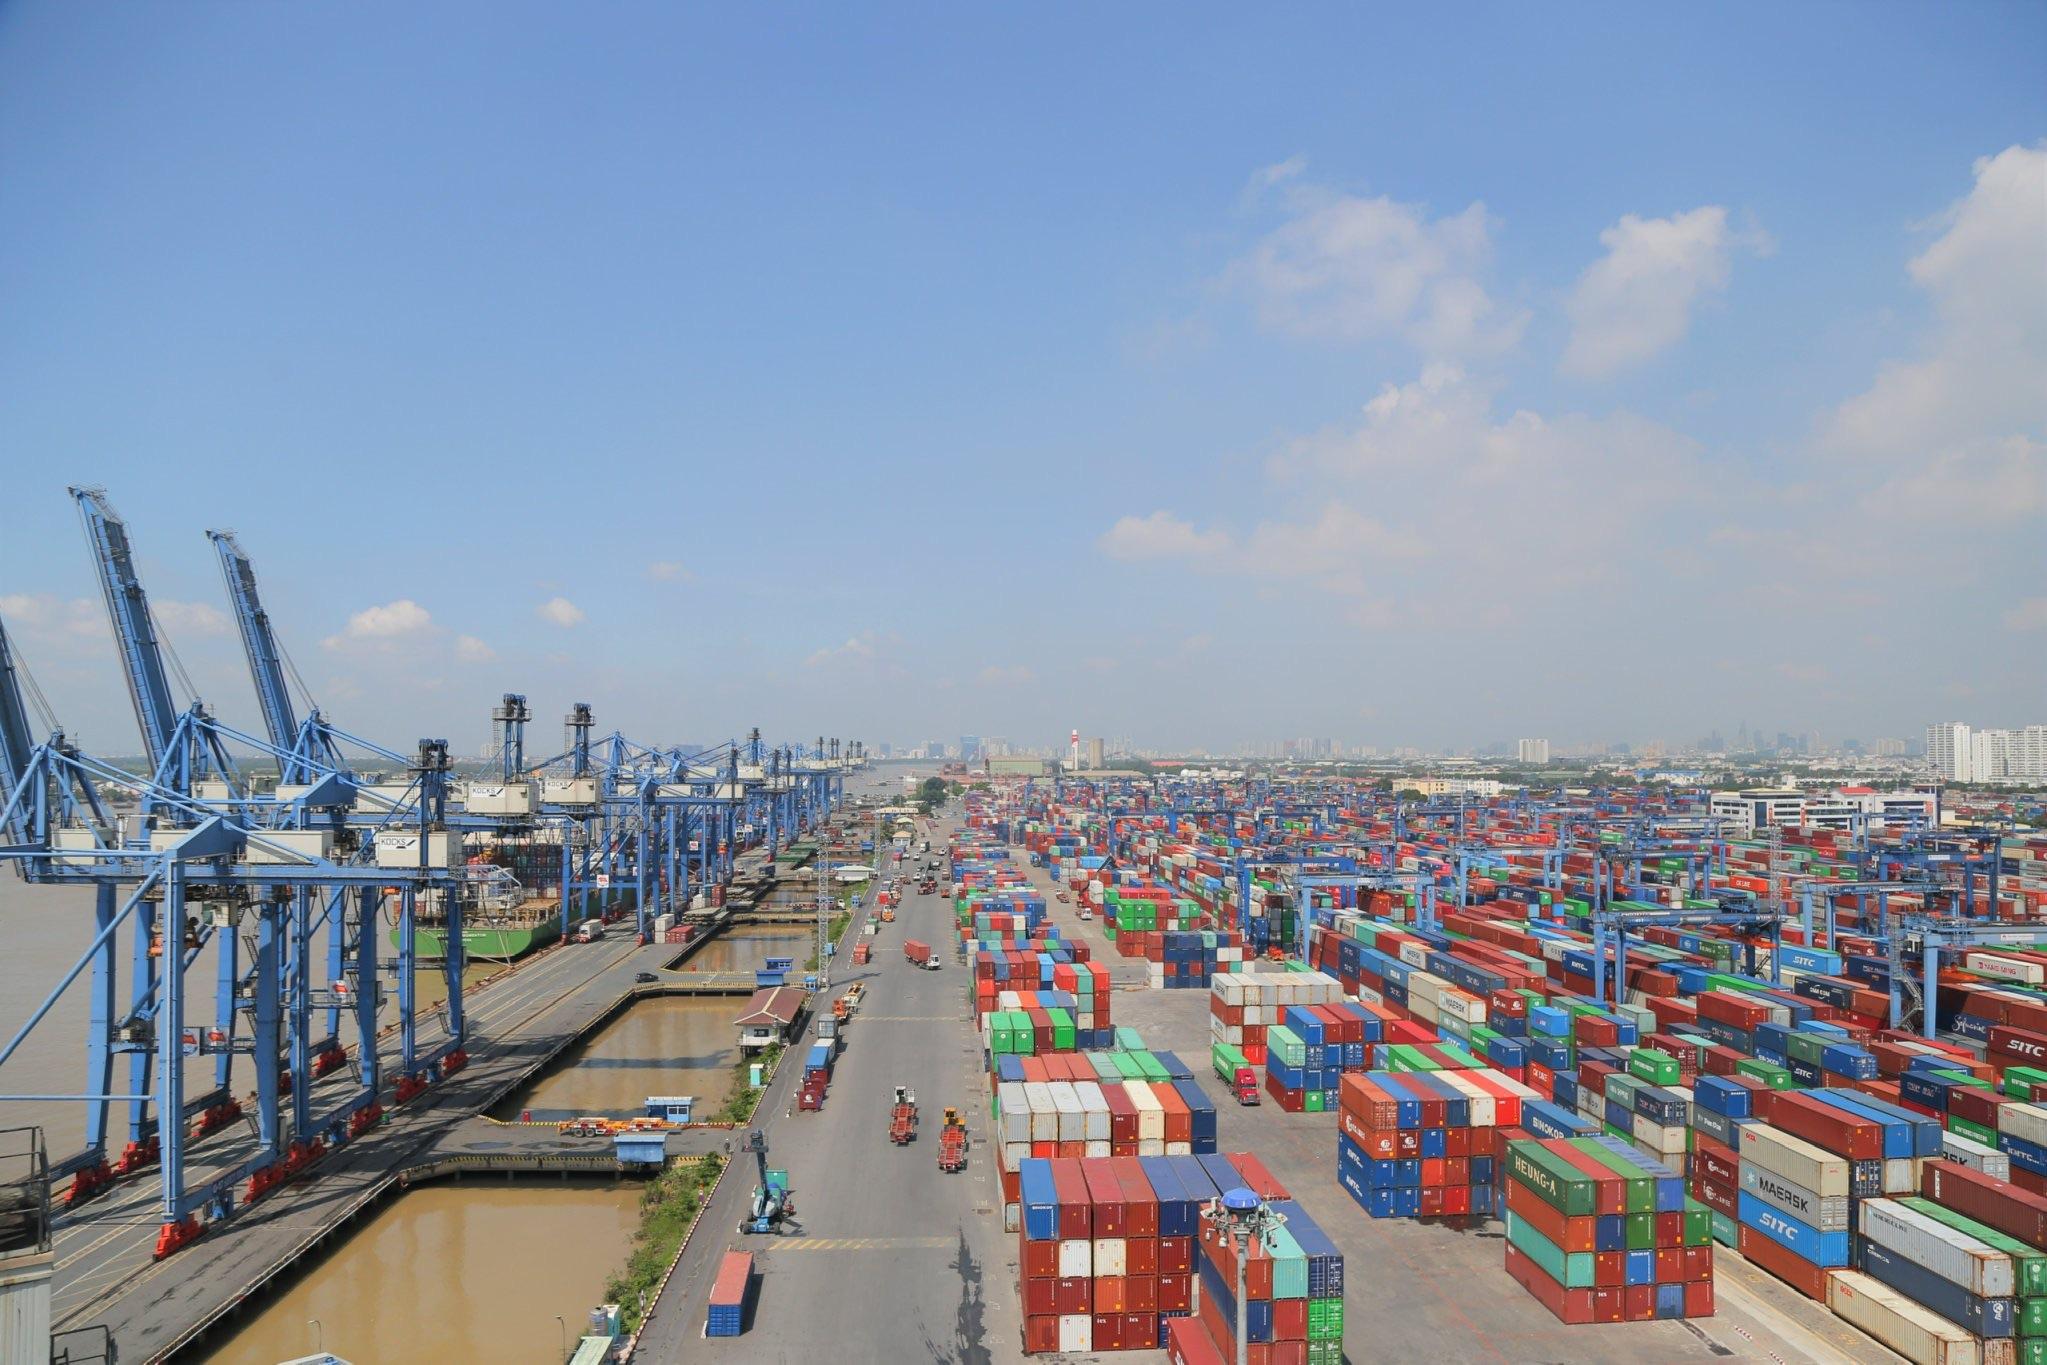 Tổng Công ty Tân Cảng Sài Năng động trong kinh doanh và trách nhiệm xã hội